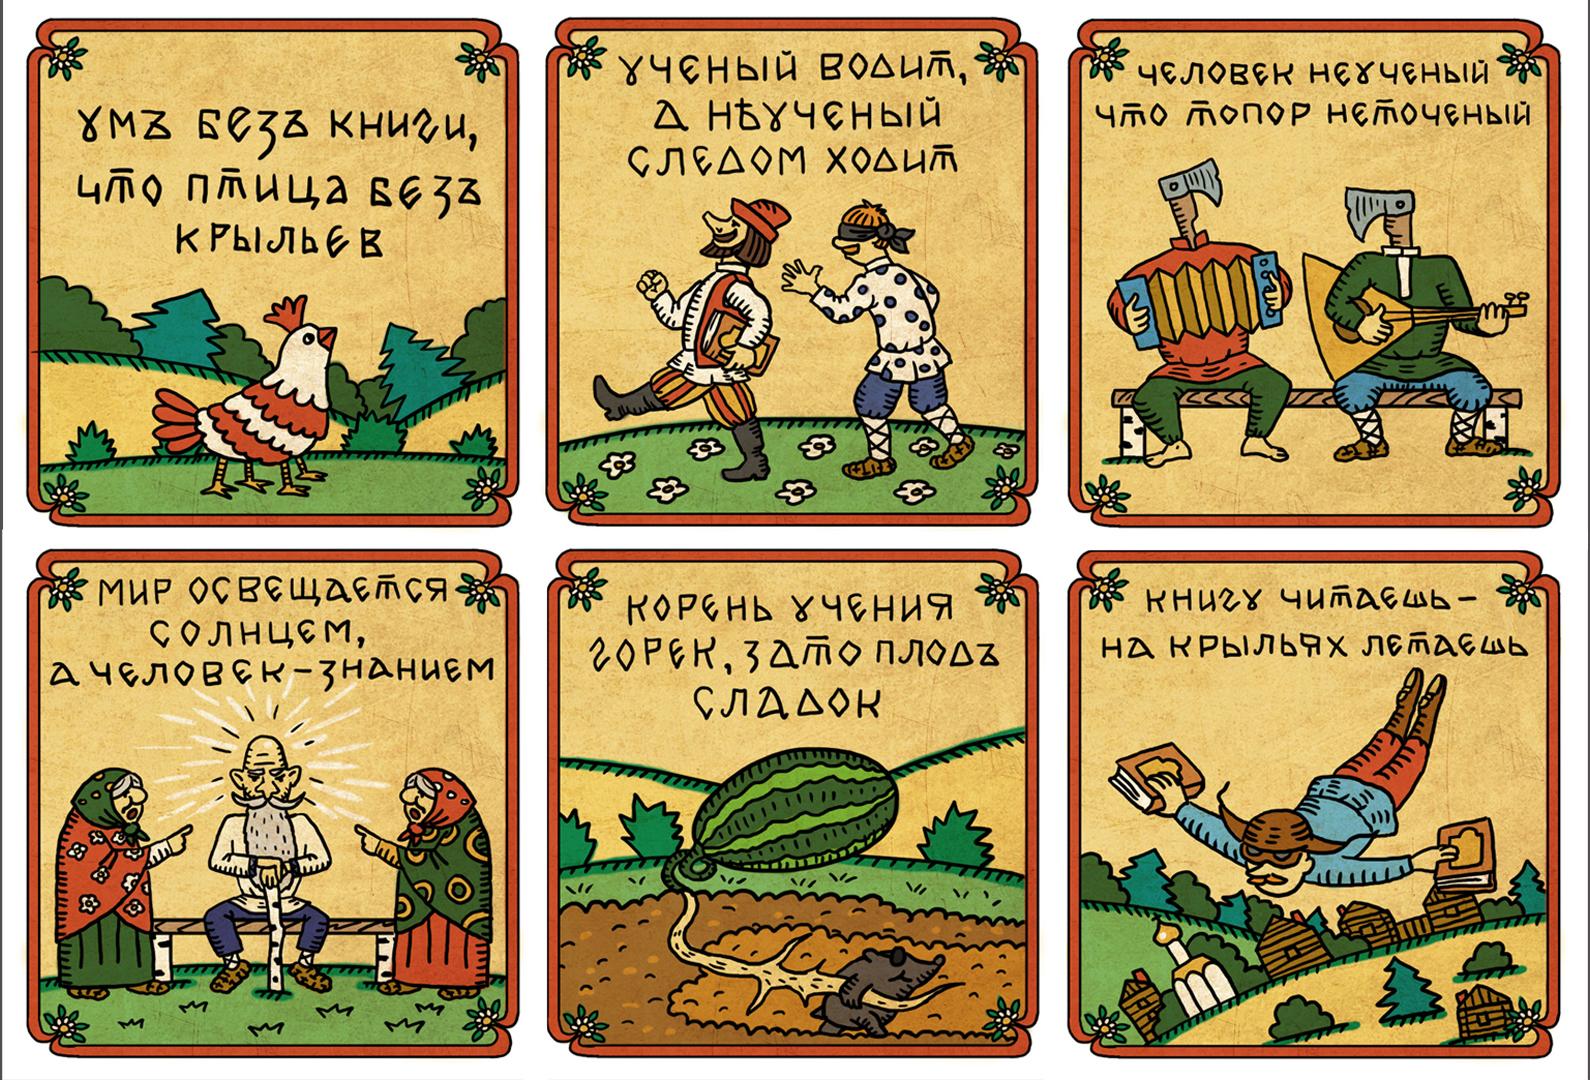 Иллюстрации к пословицам о знании